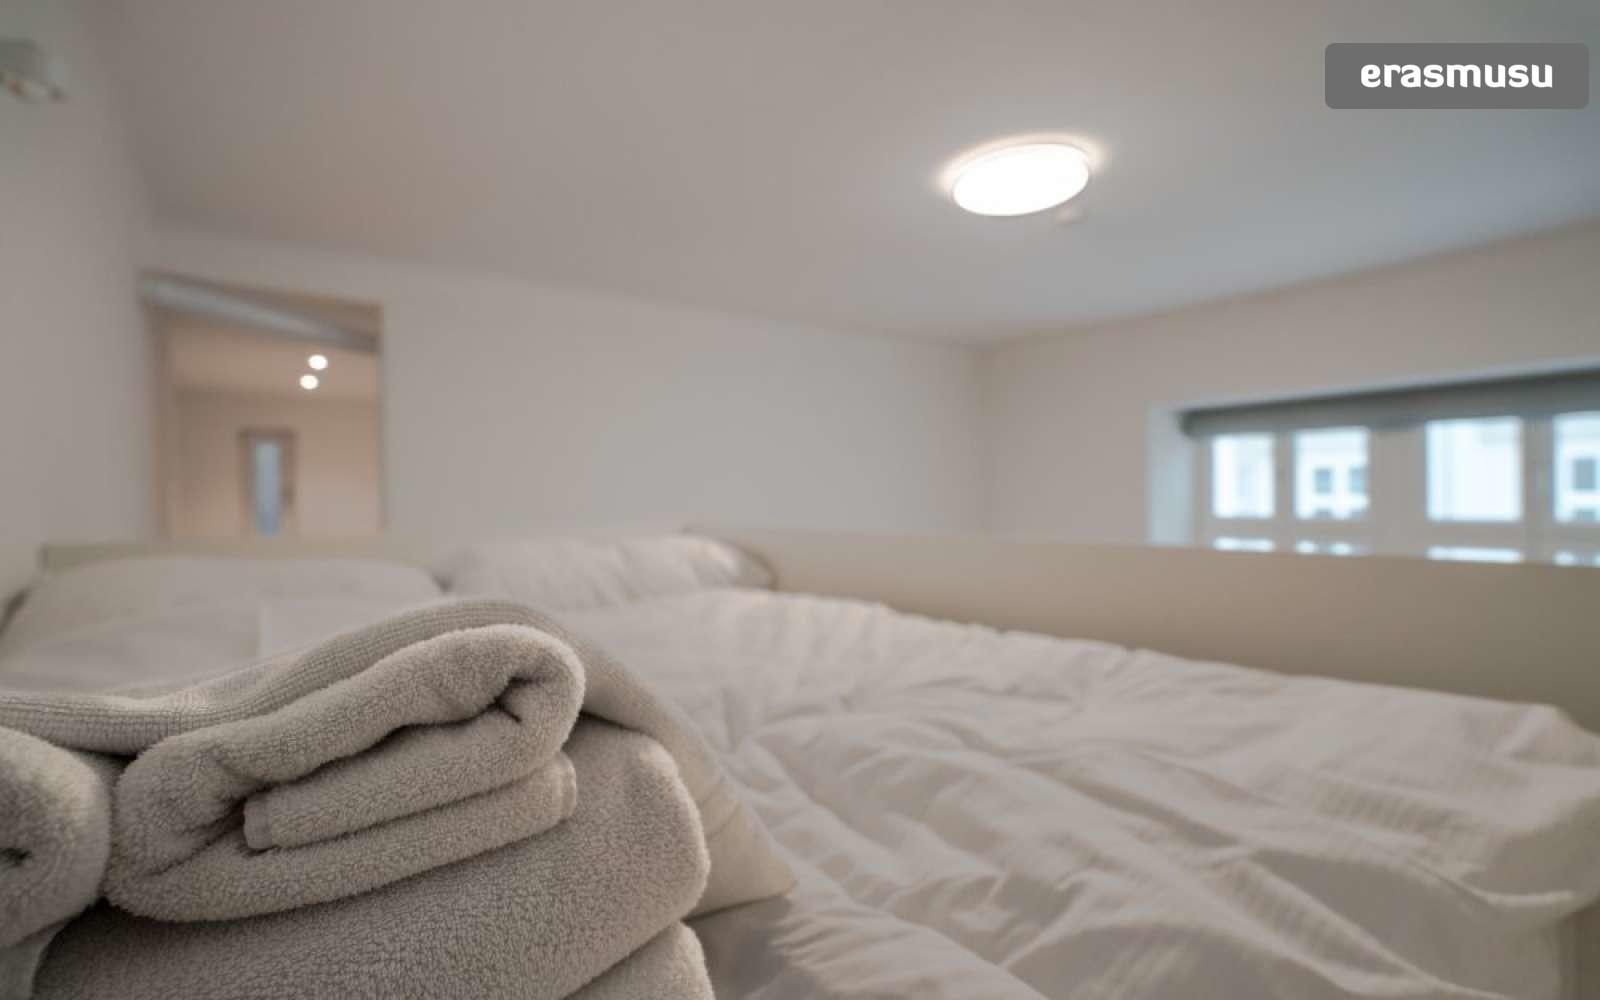 studio-apartment-rent-landstrase-5bacf956084ab8dc17fd46d1f3f377c